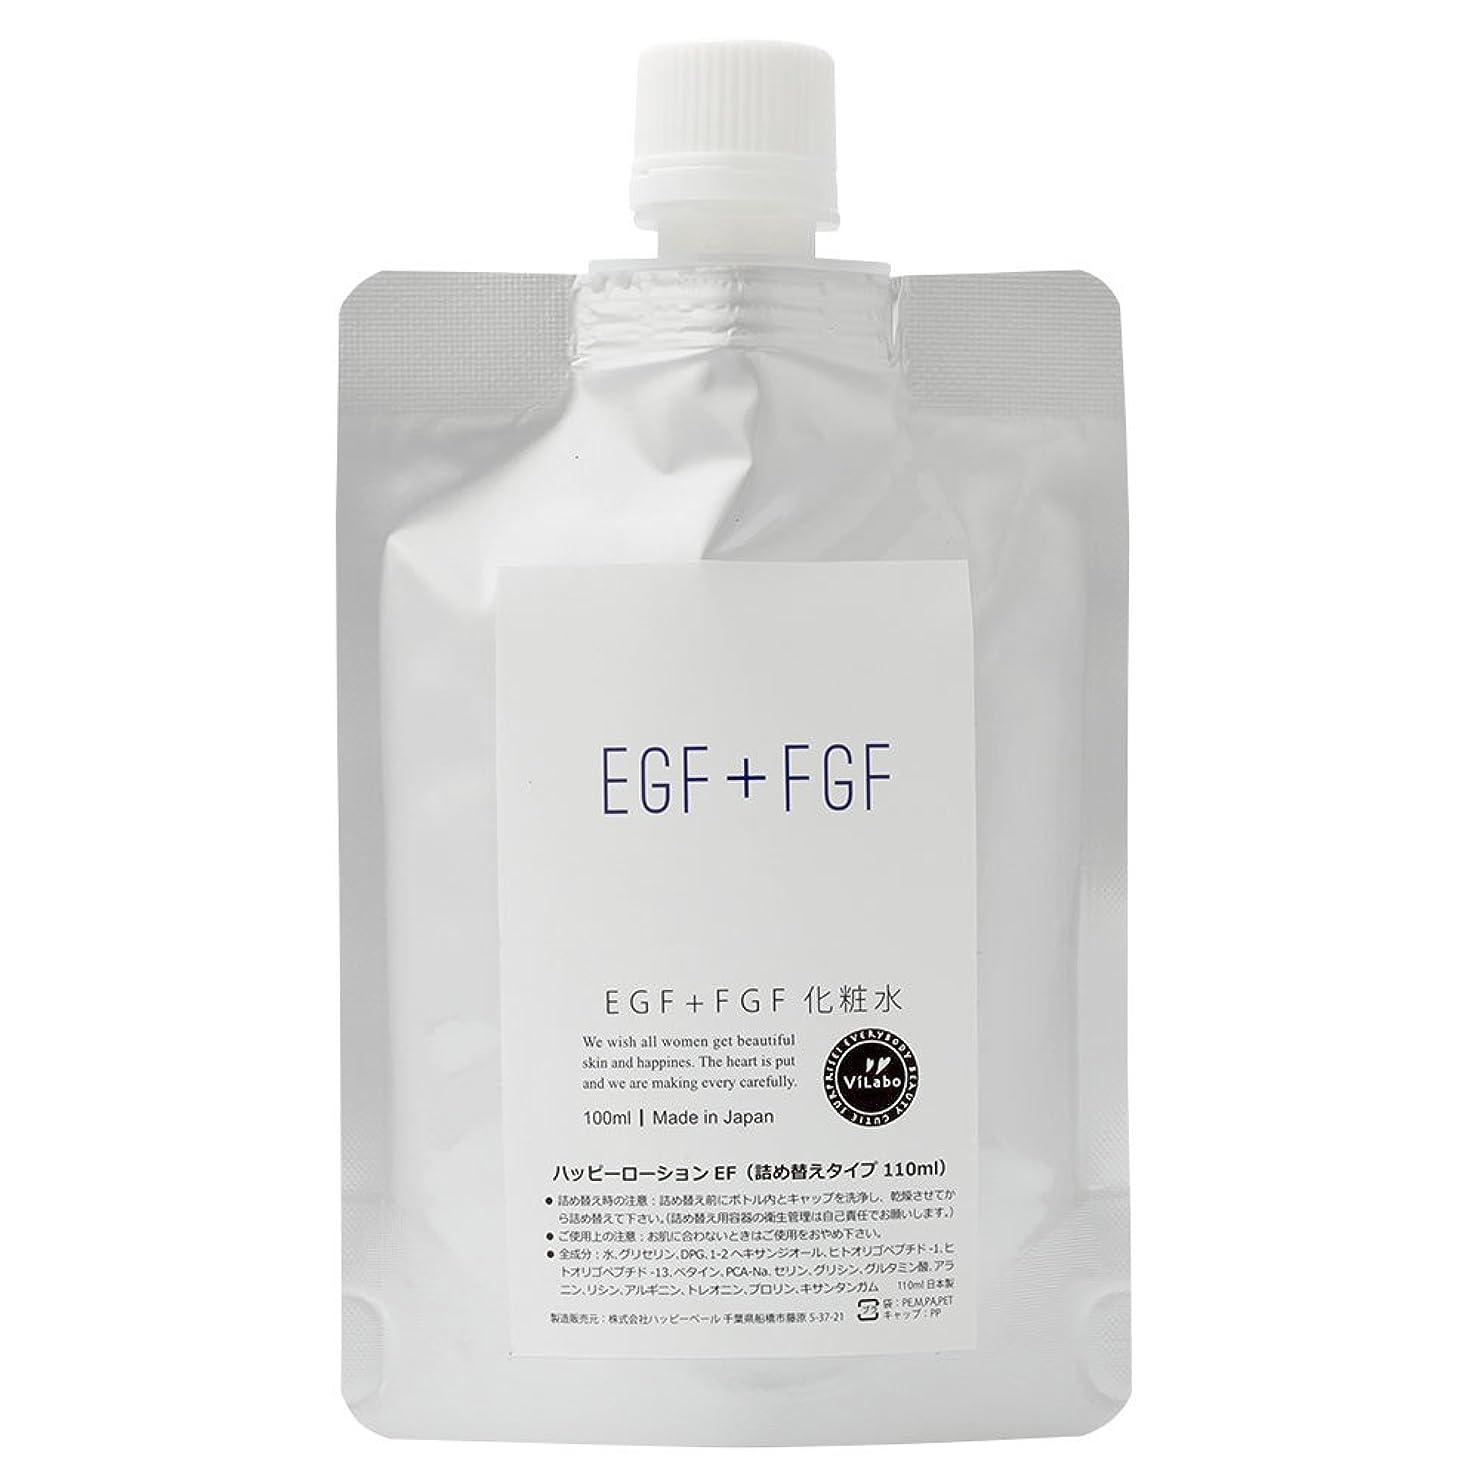 将来のレビュー膨張するEGF+FGF化粧水-天然温泉水+高級美容成分の浸透型化粧水-品名:ハッピーローションEF ノンパラベン、アルコール、フェノキシエタノール、石油系合成界面活性剤無添加 (詰め替えパウチ110ml)